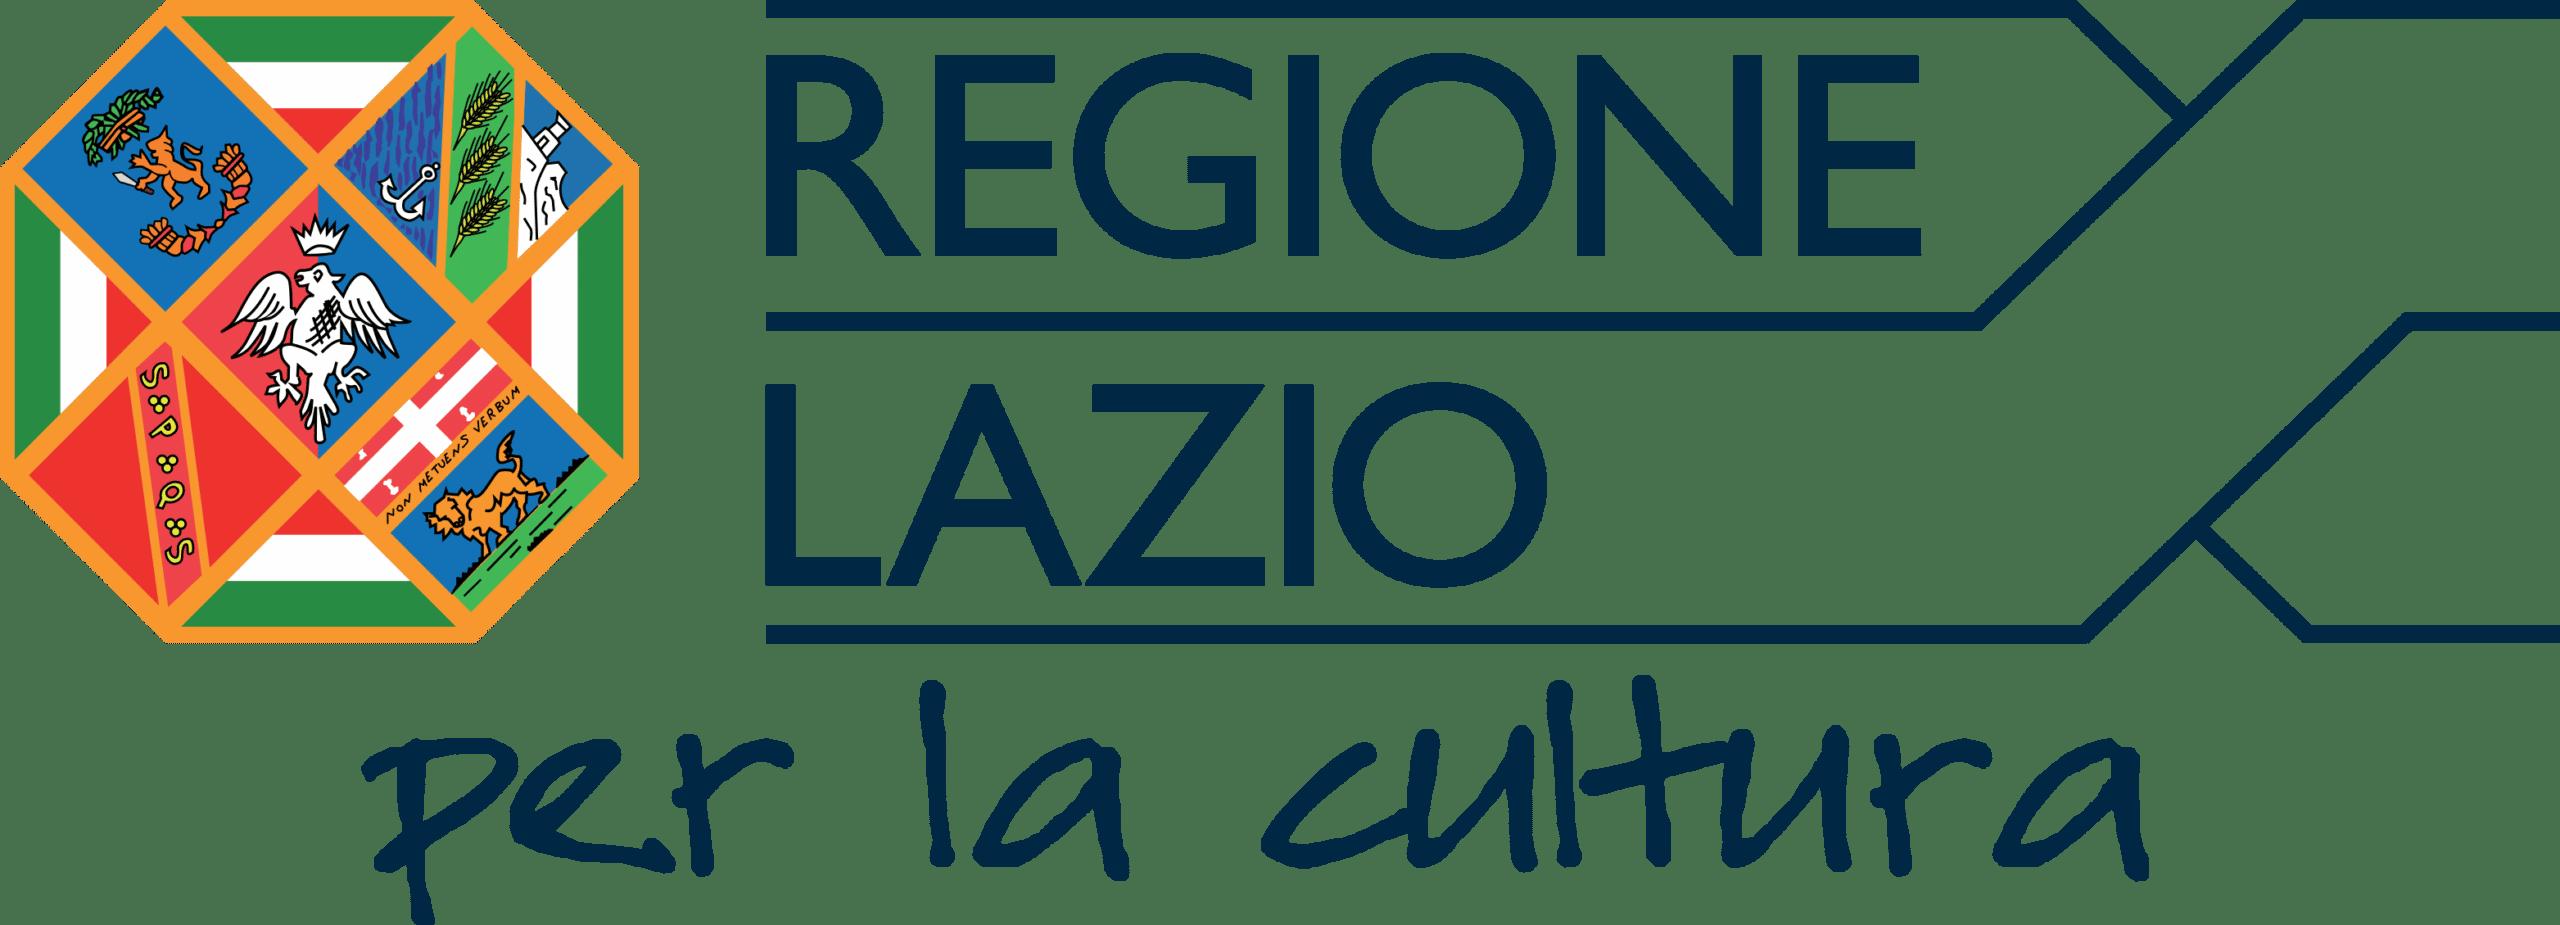 16-regione-lazio